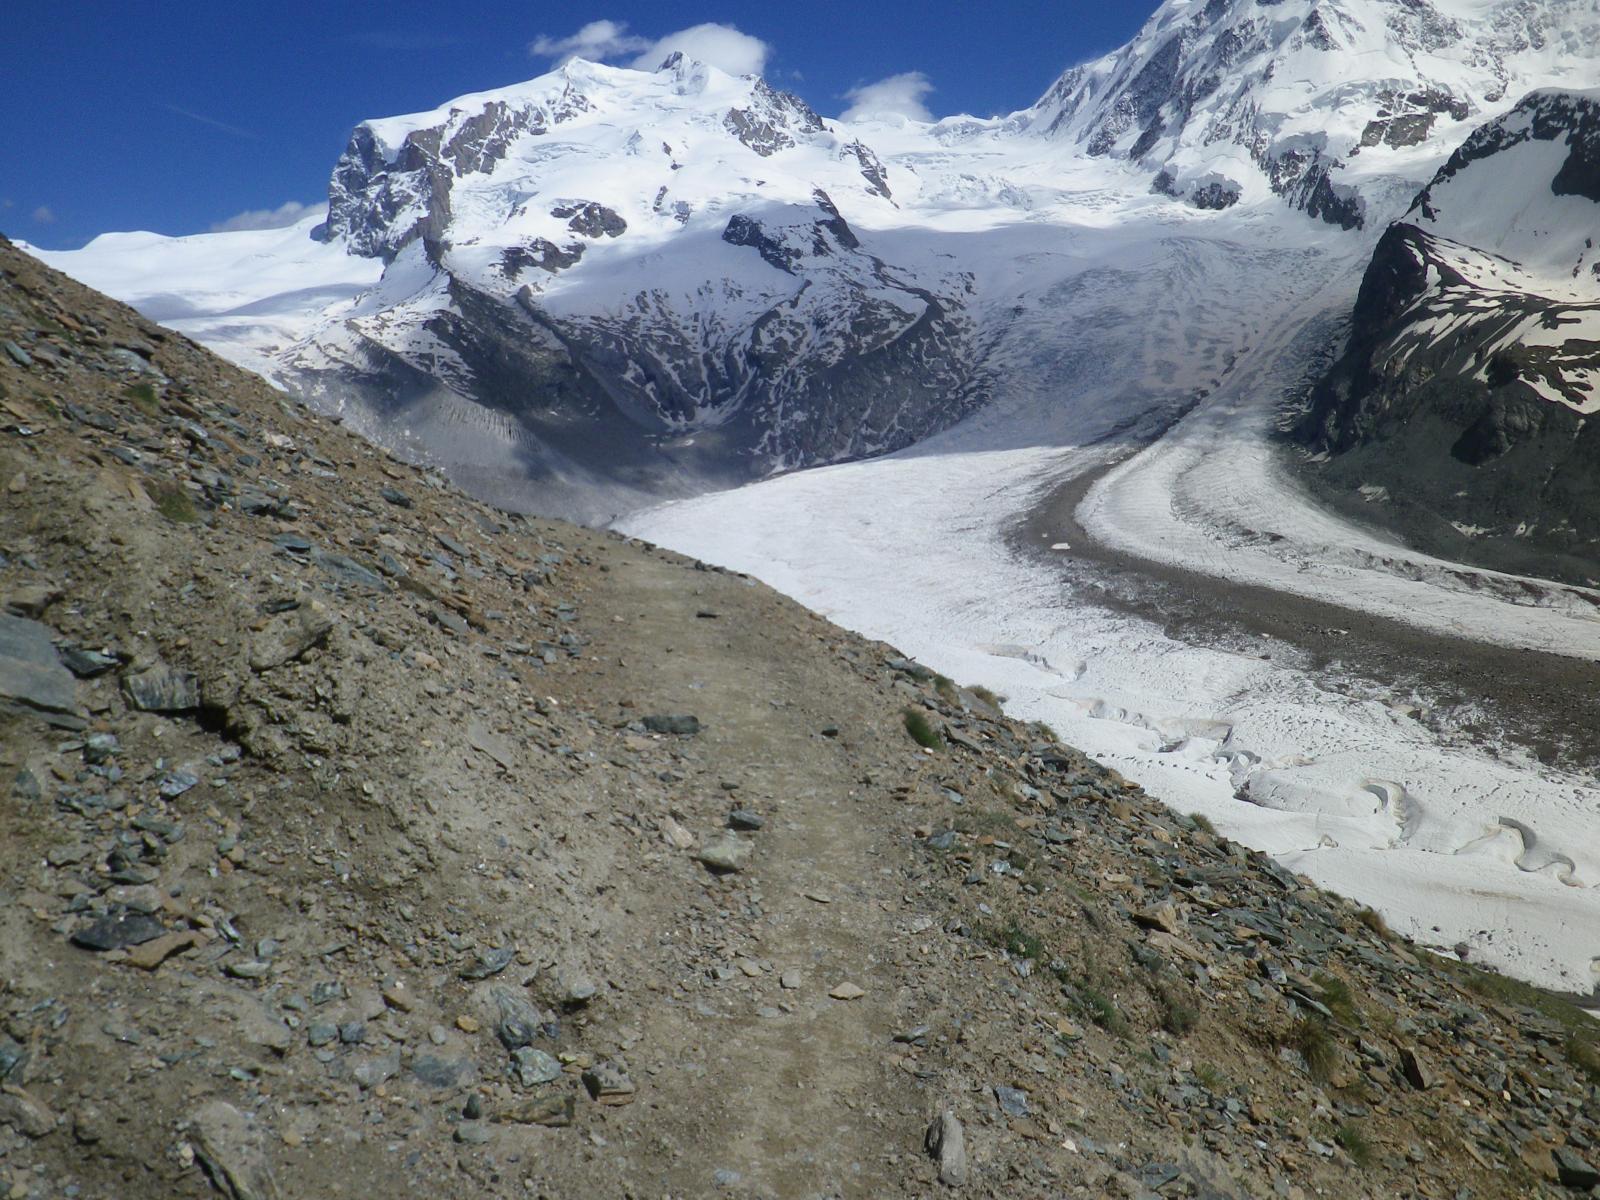 il ghiacciaio immenso e il sentiero